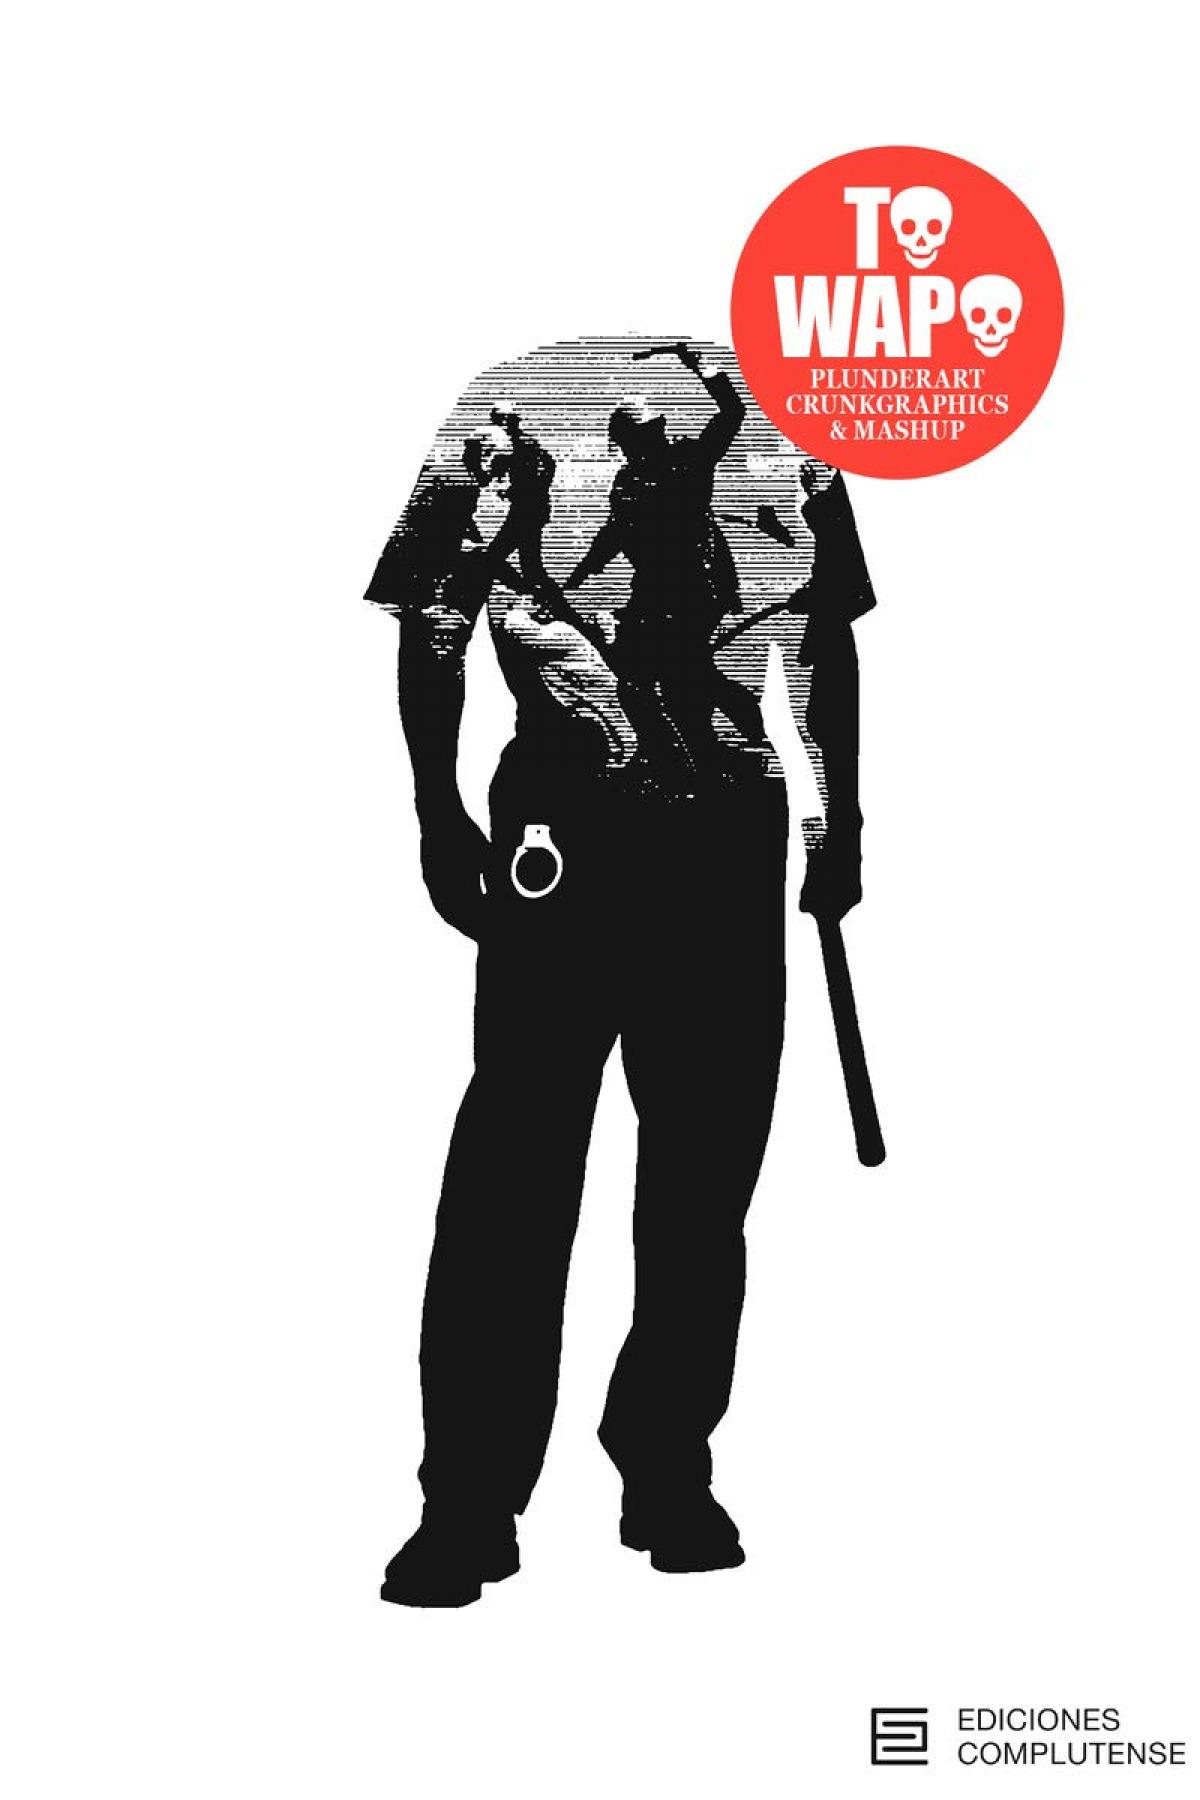 Towapo. Ethics for survivors